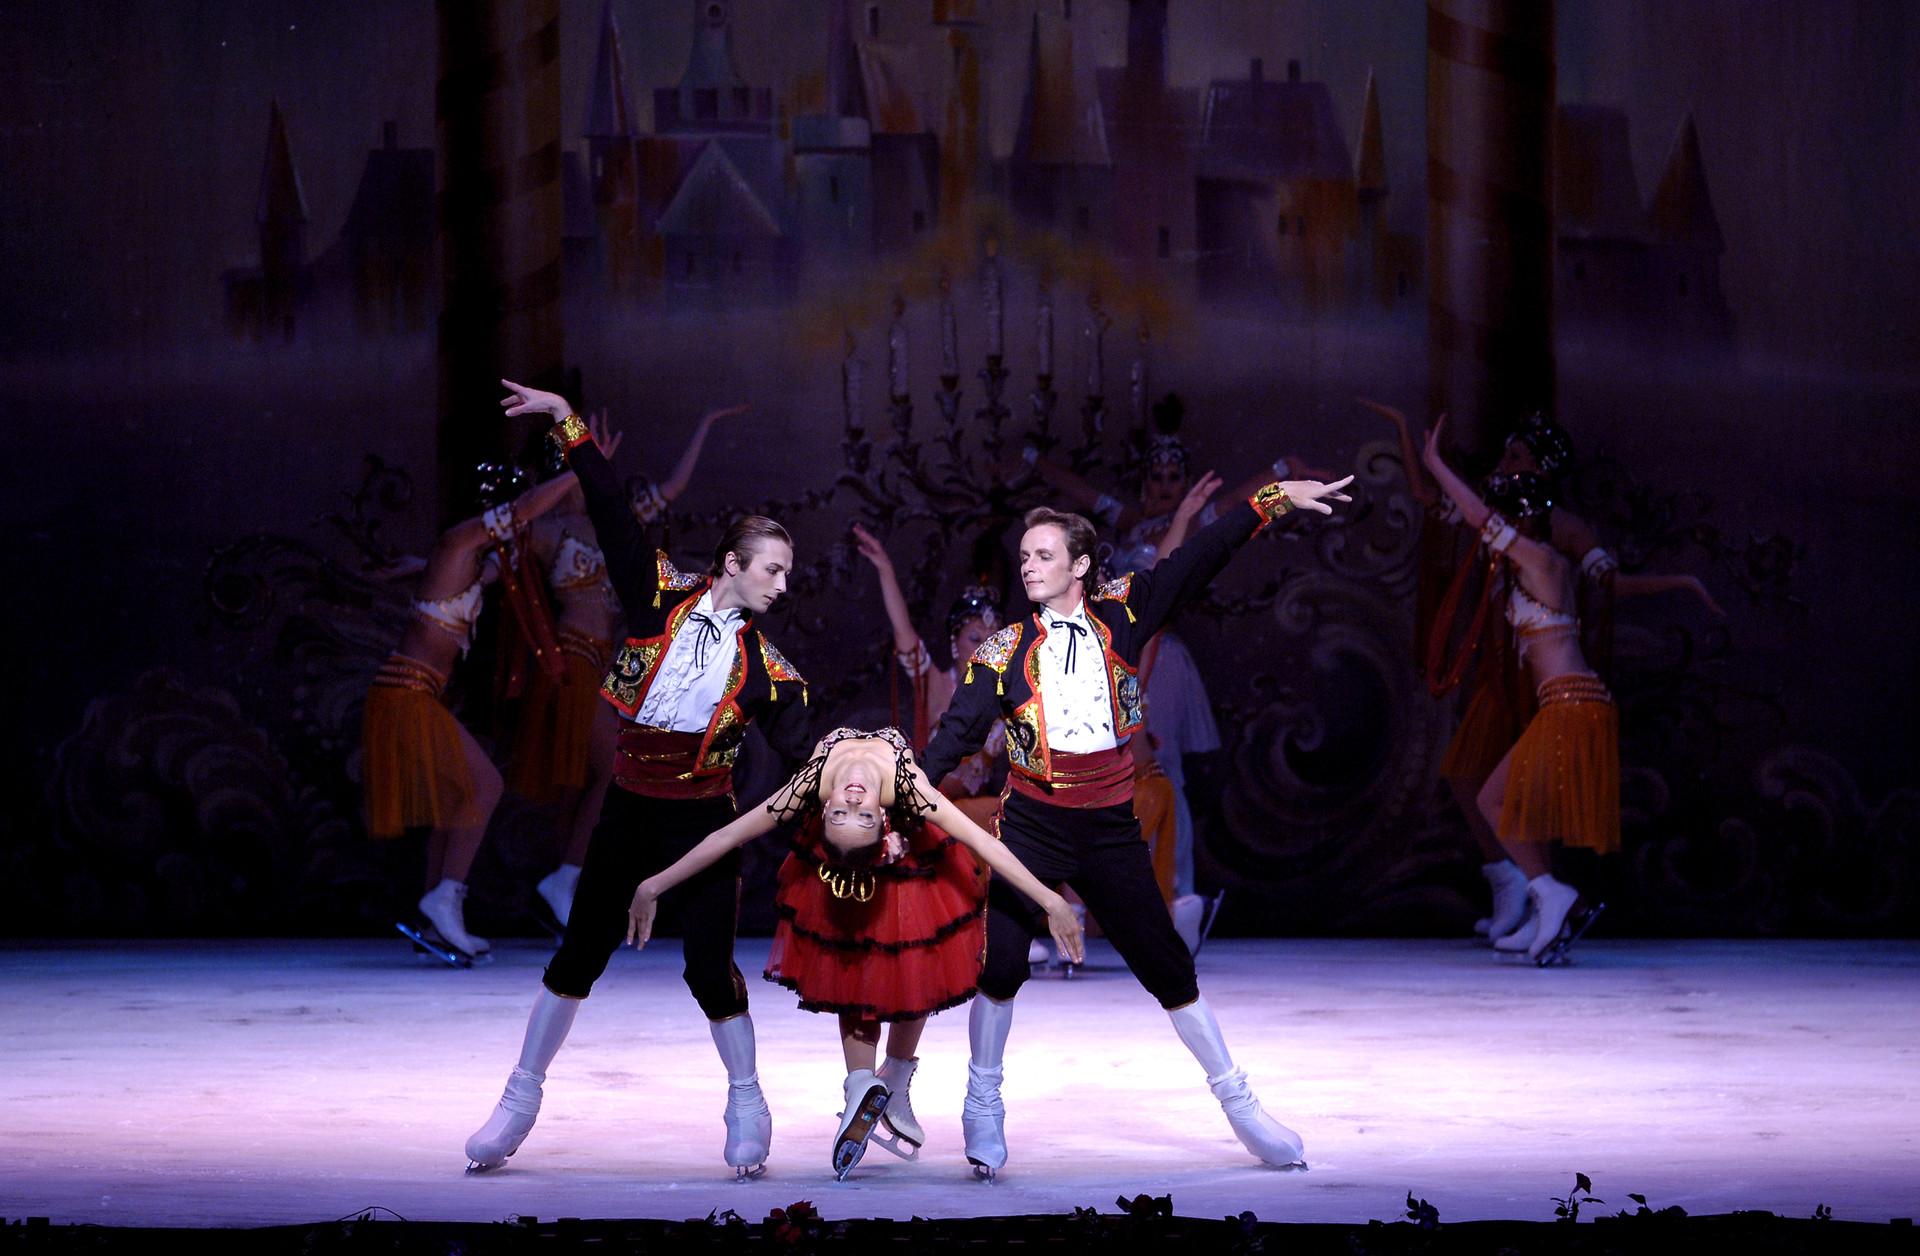 Руски државни балет Санкт Петербурга